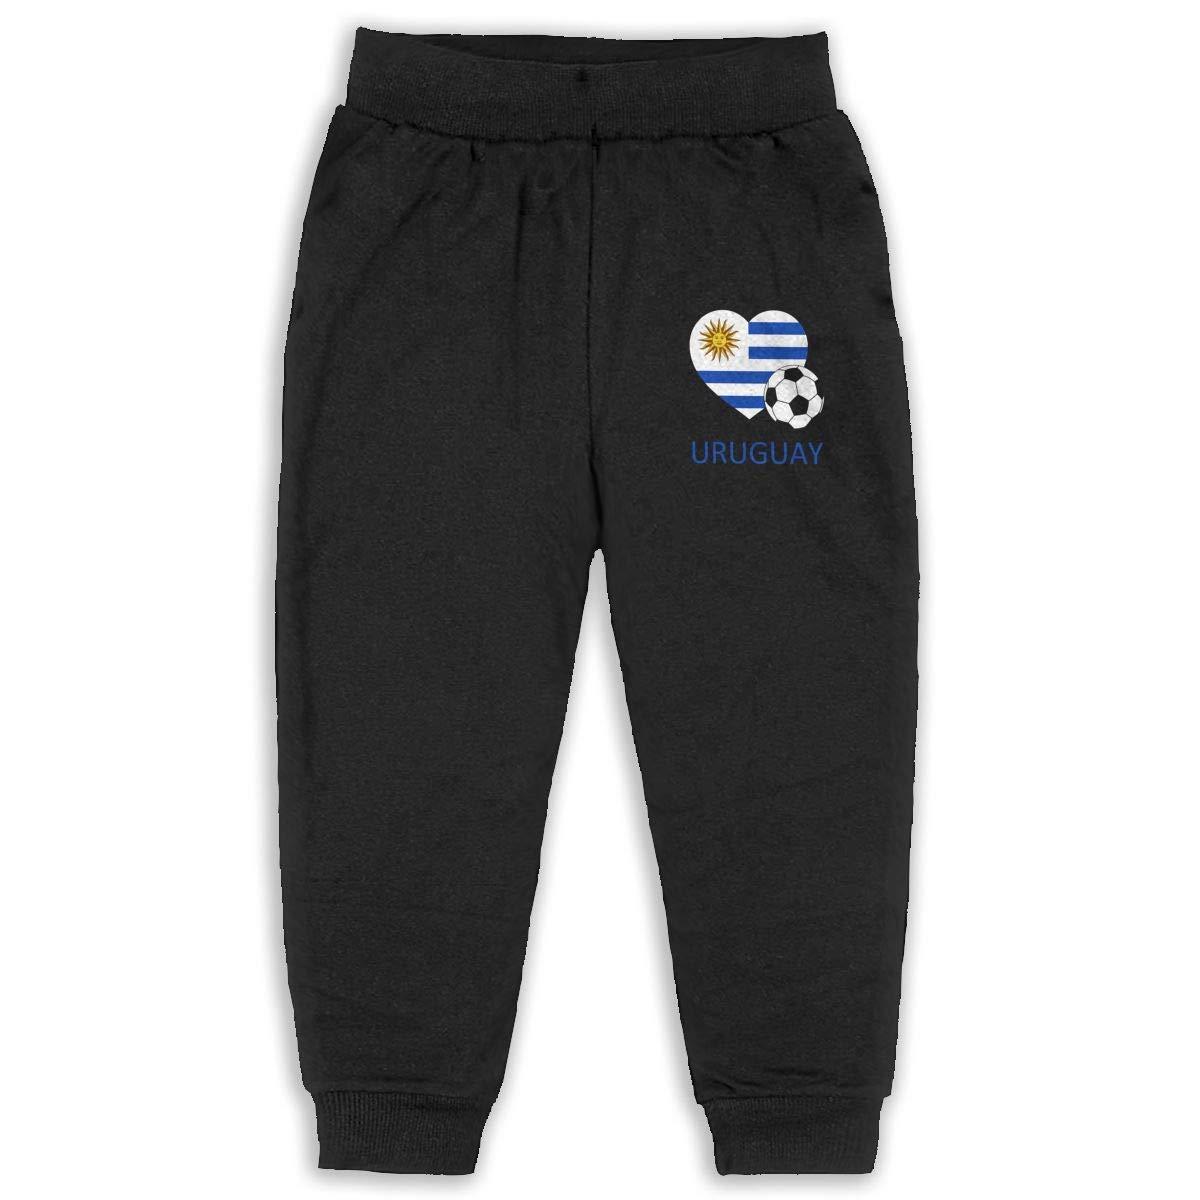 XIXIYA Los Pantalones de chándal para niños adoran los Pantalones ...